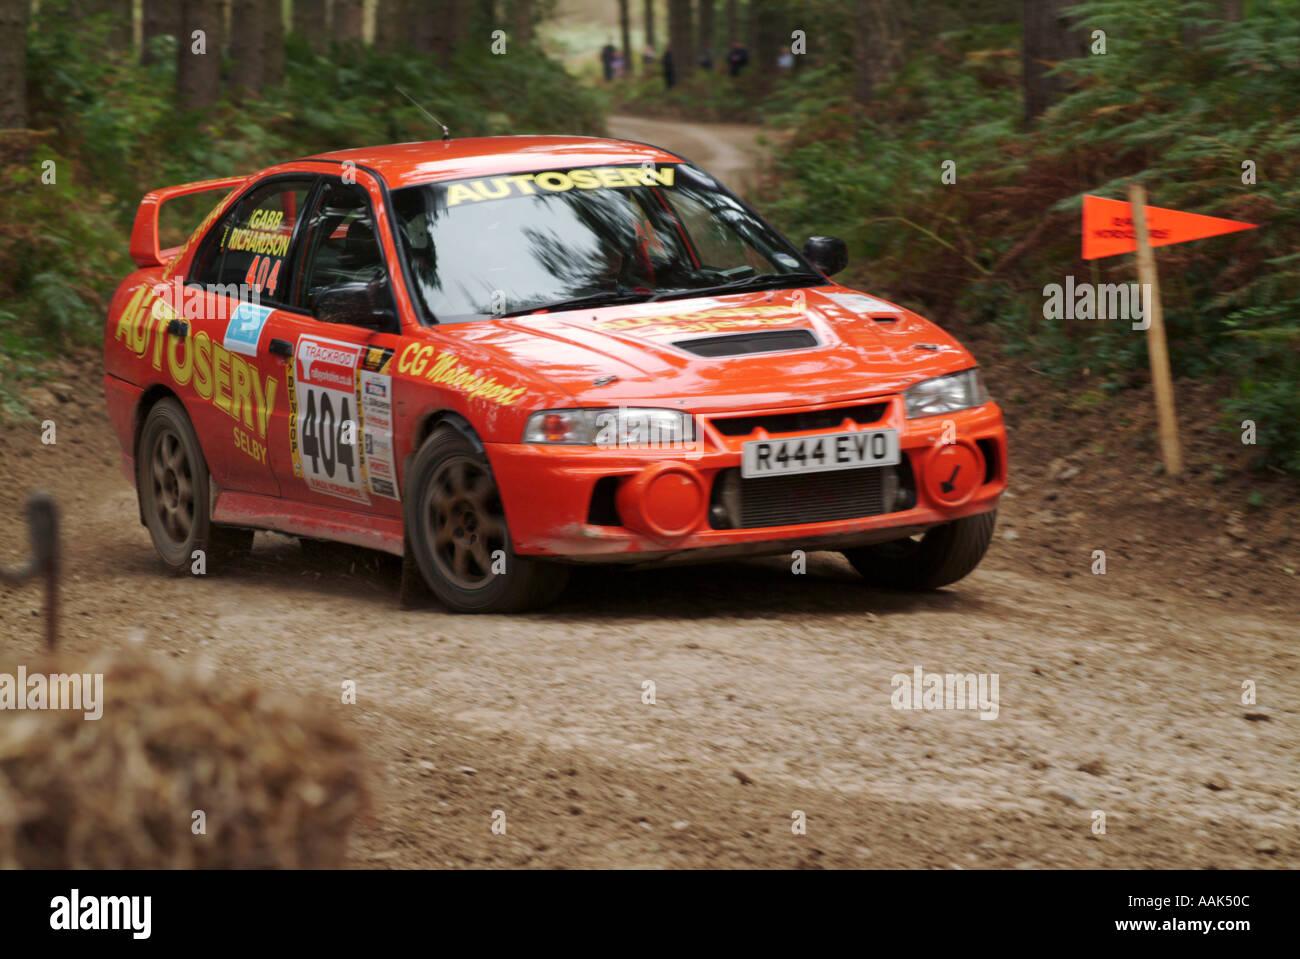 Mitsubishi Evo Evolution Rallye-Auto Rallye of Straße Geschwindigkeit schnell Schlamm Fahrer Sponsor Sponsoring männliche Interesse Dalby Forest in noch Stockbild